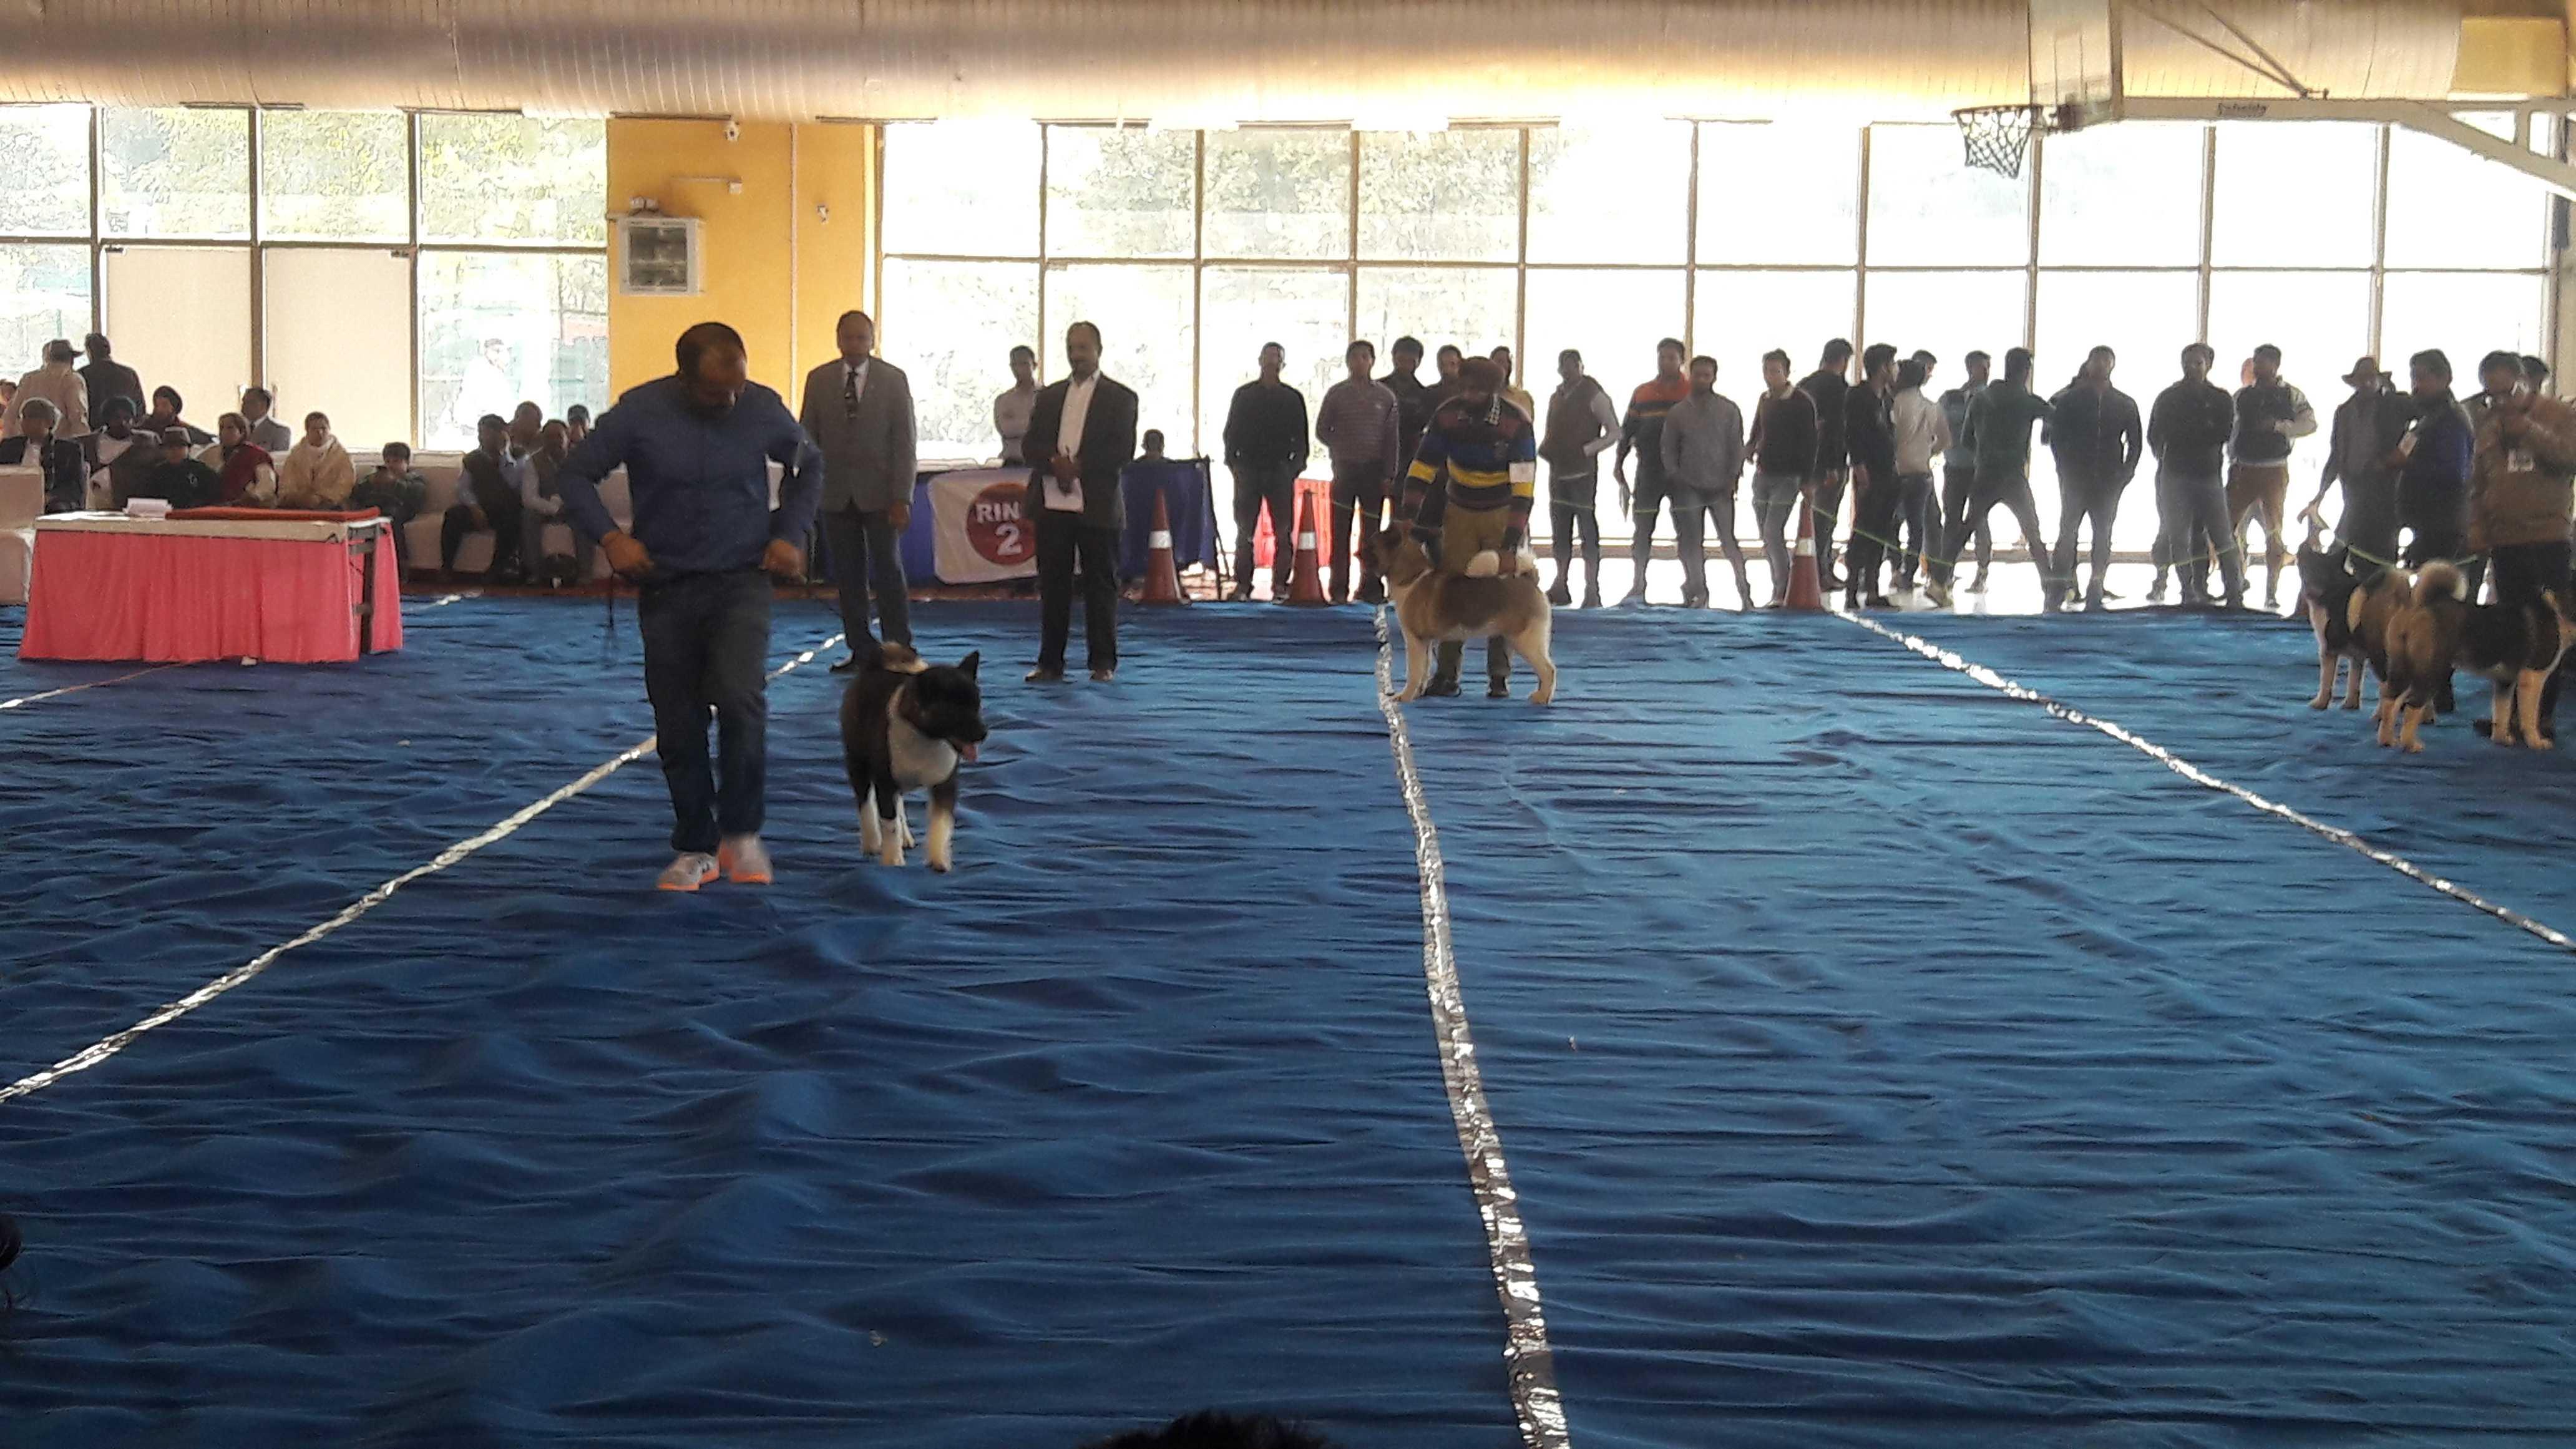 KCI dog show